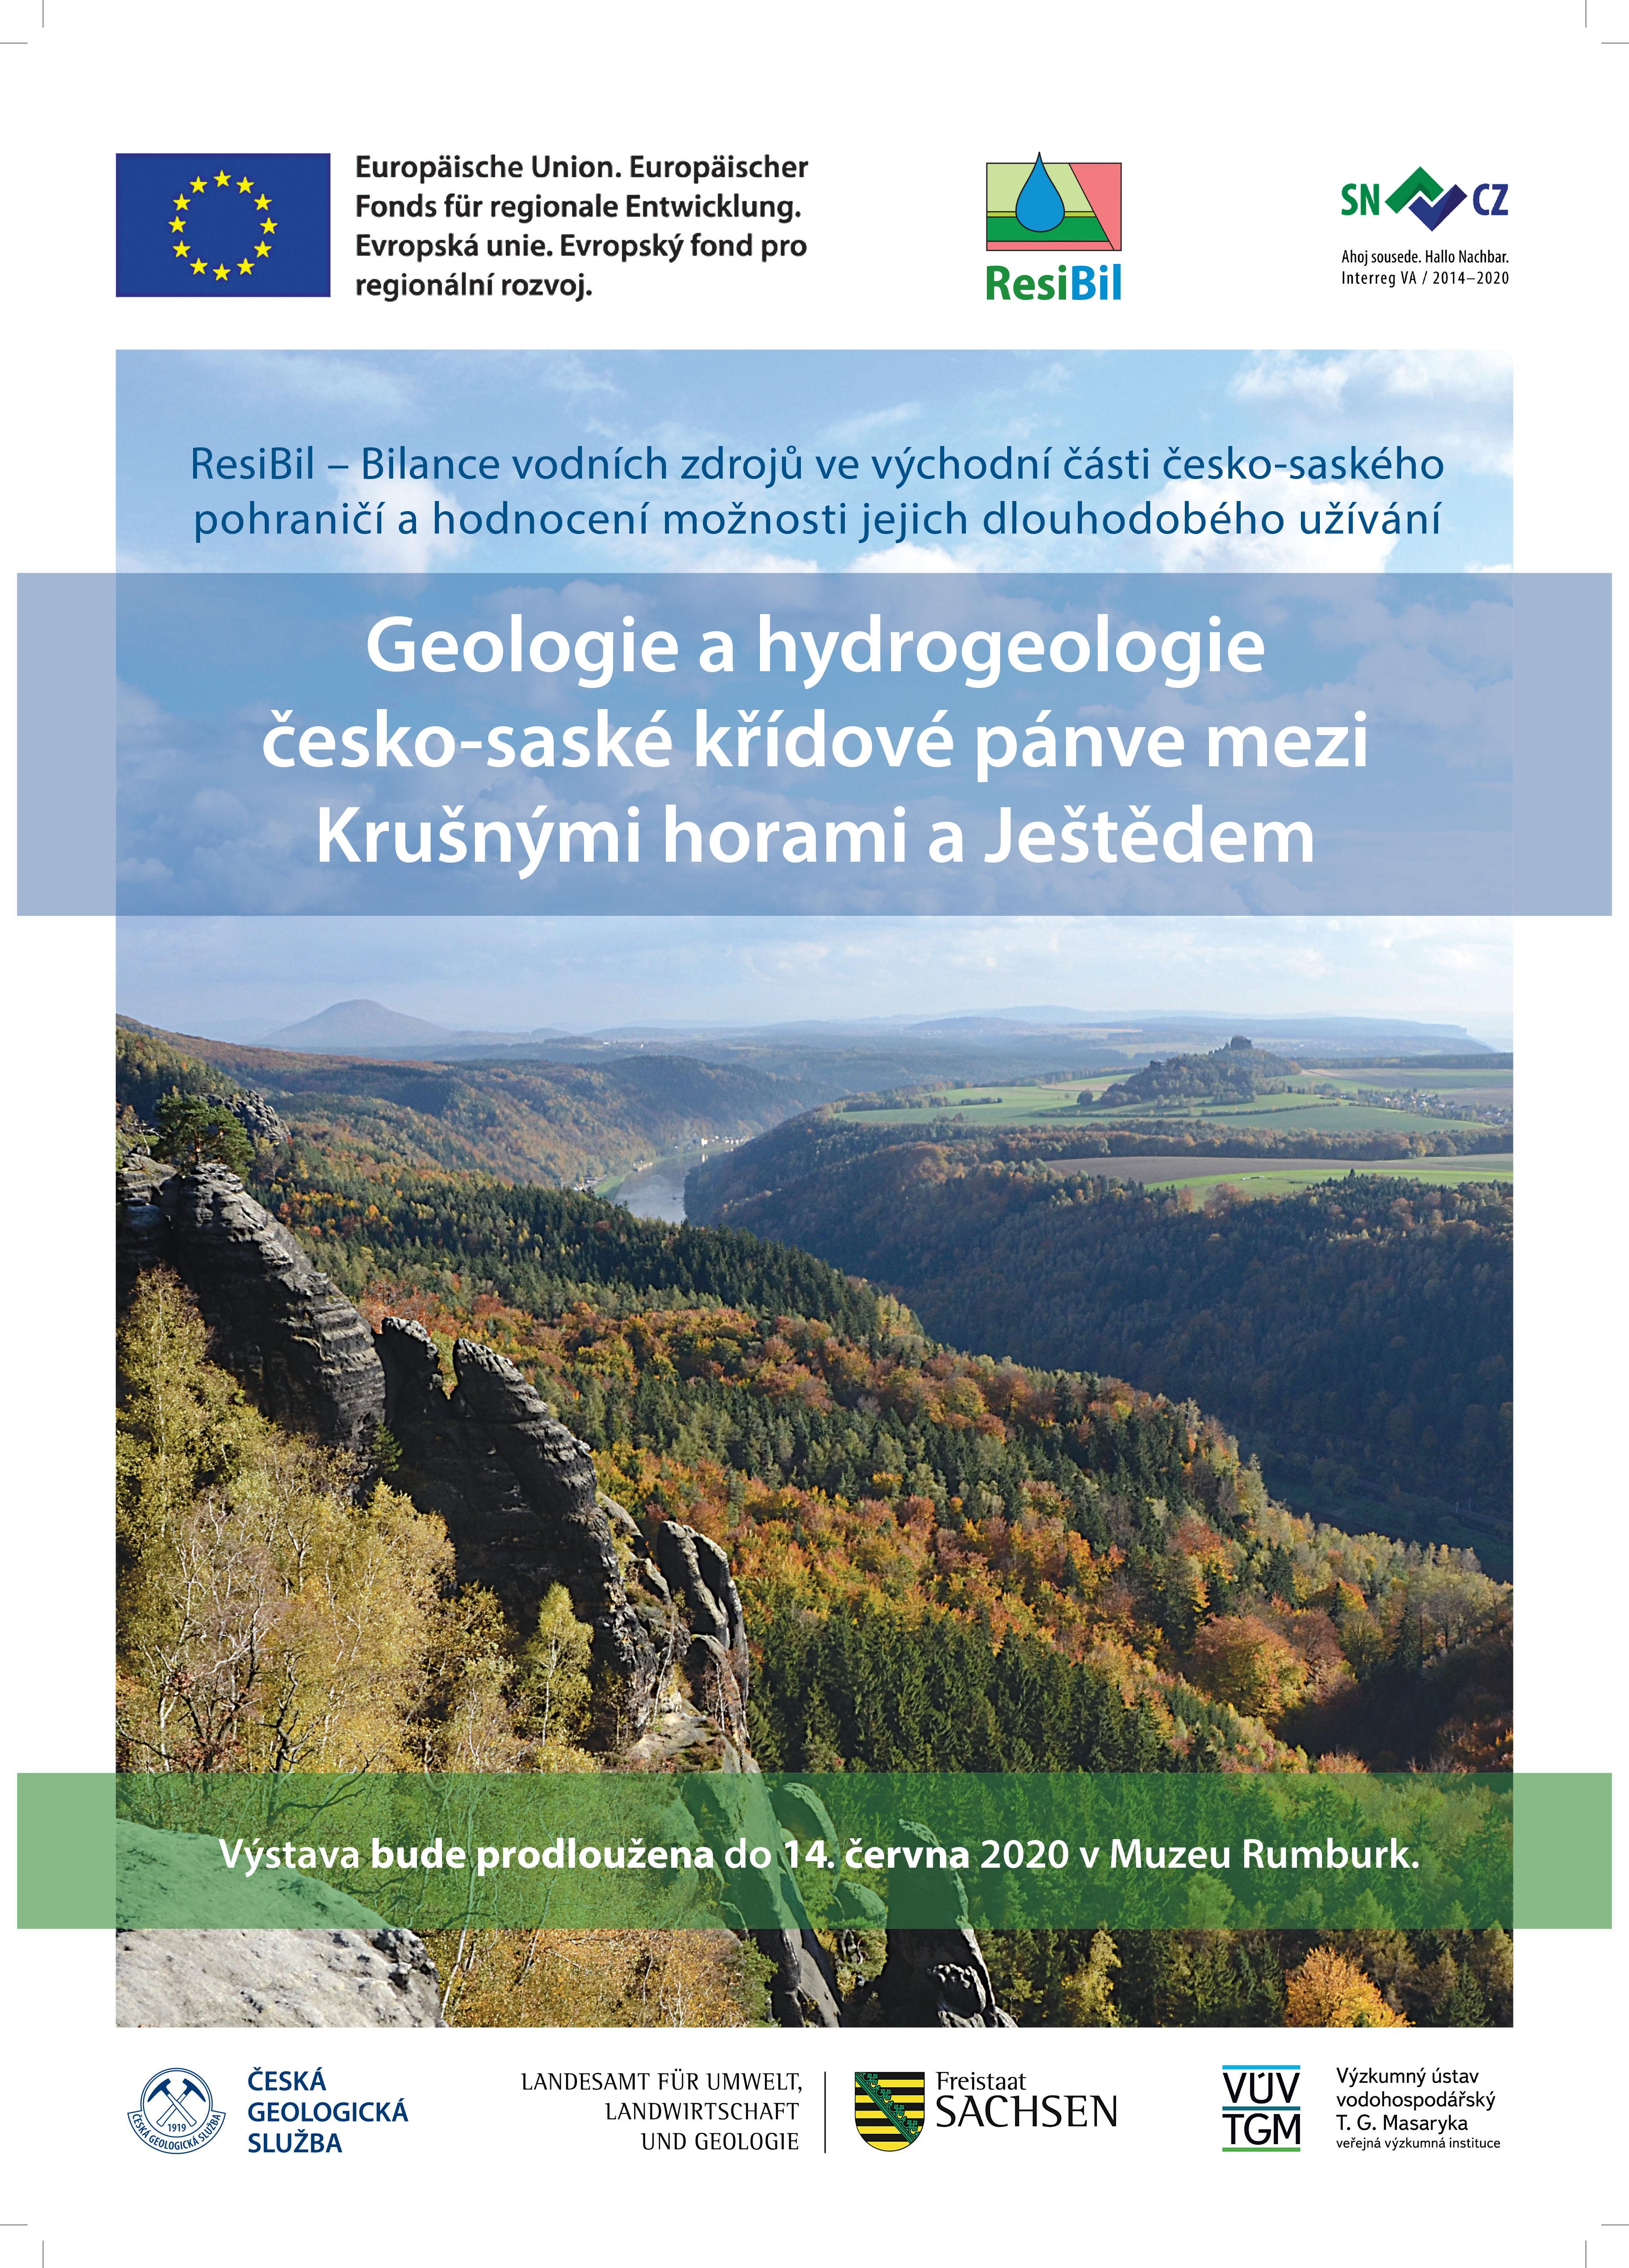 Geologie a hydrogeologie česko-saské křídové pánve mezi Krušnými horami a Ještědem